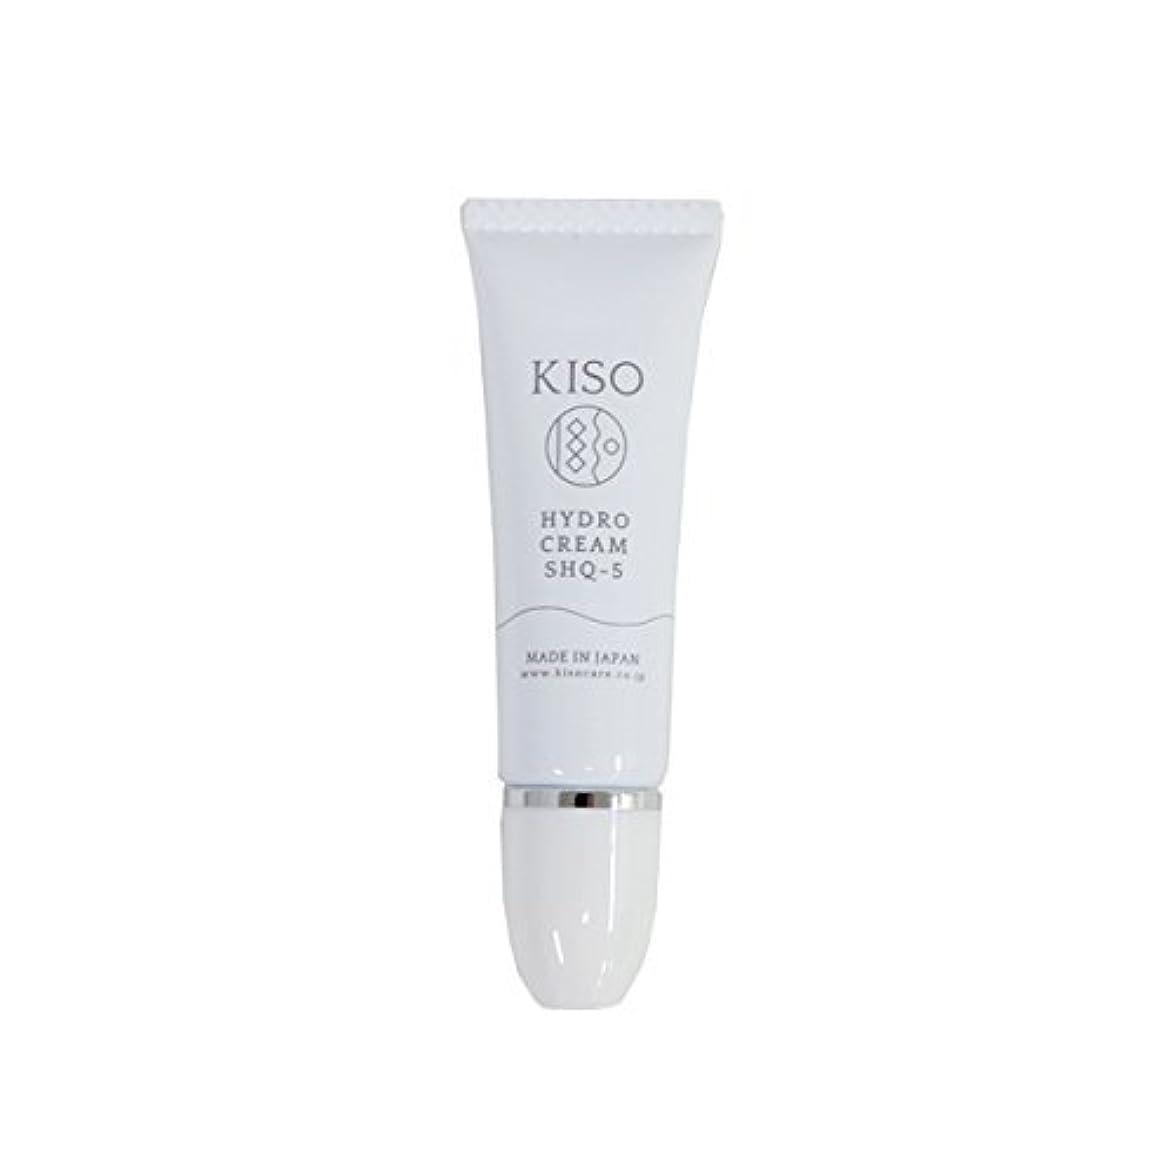 最終的に器用将来のKISO 安定型 ハイドロキノン 5%配合【ハイドロ クリーム SHQ-5 10g】スキンケアで肌を整えた後にちょこっとケア 日本製